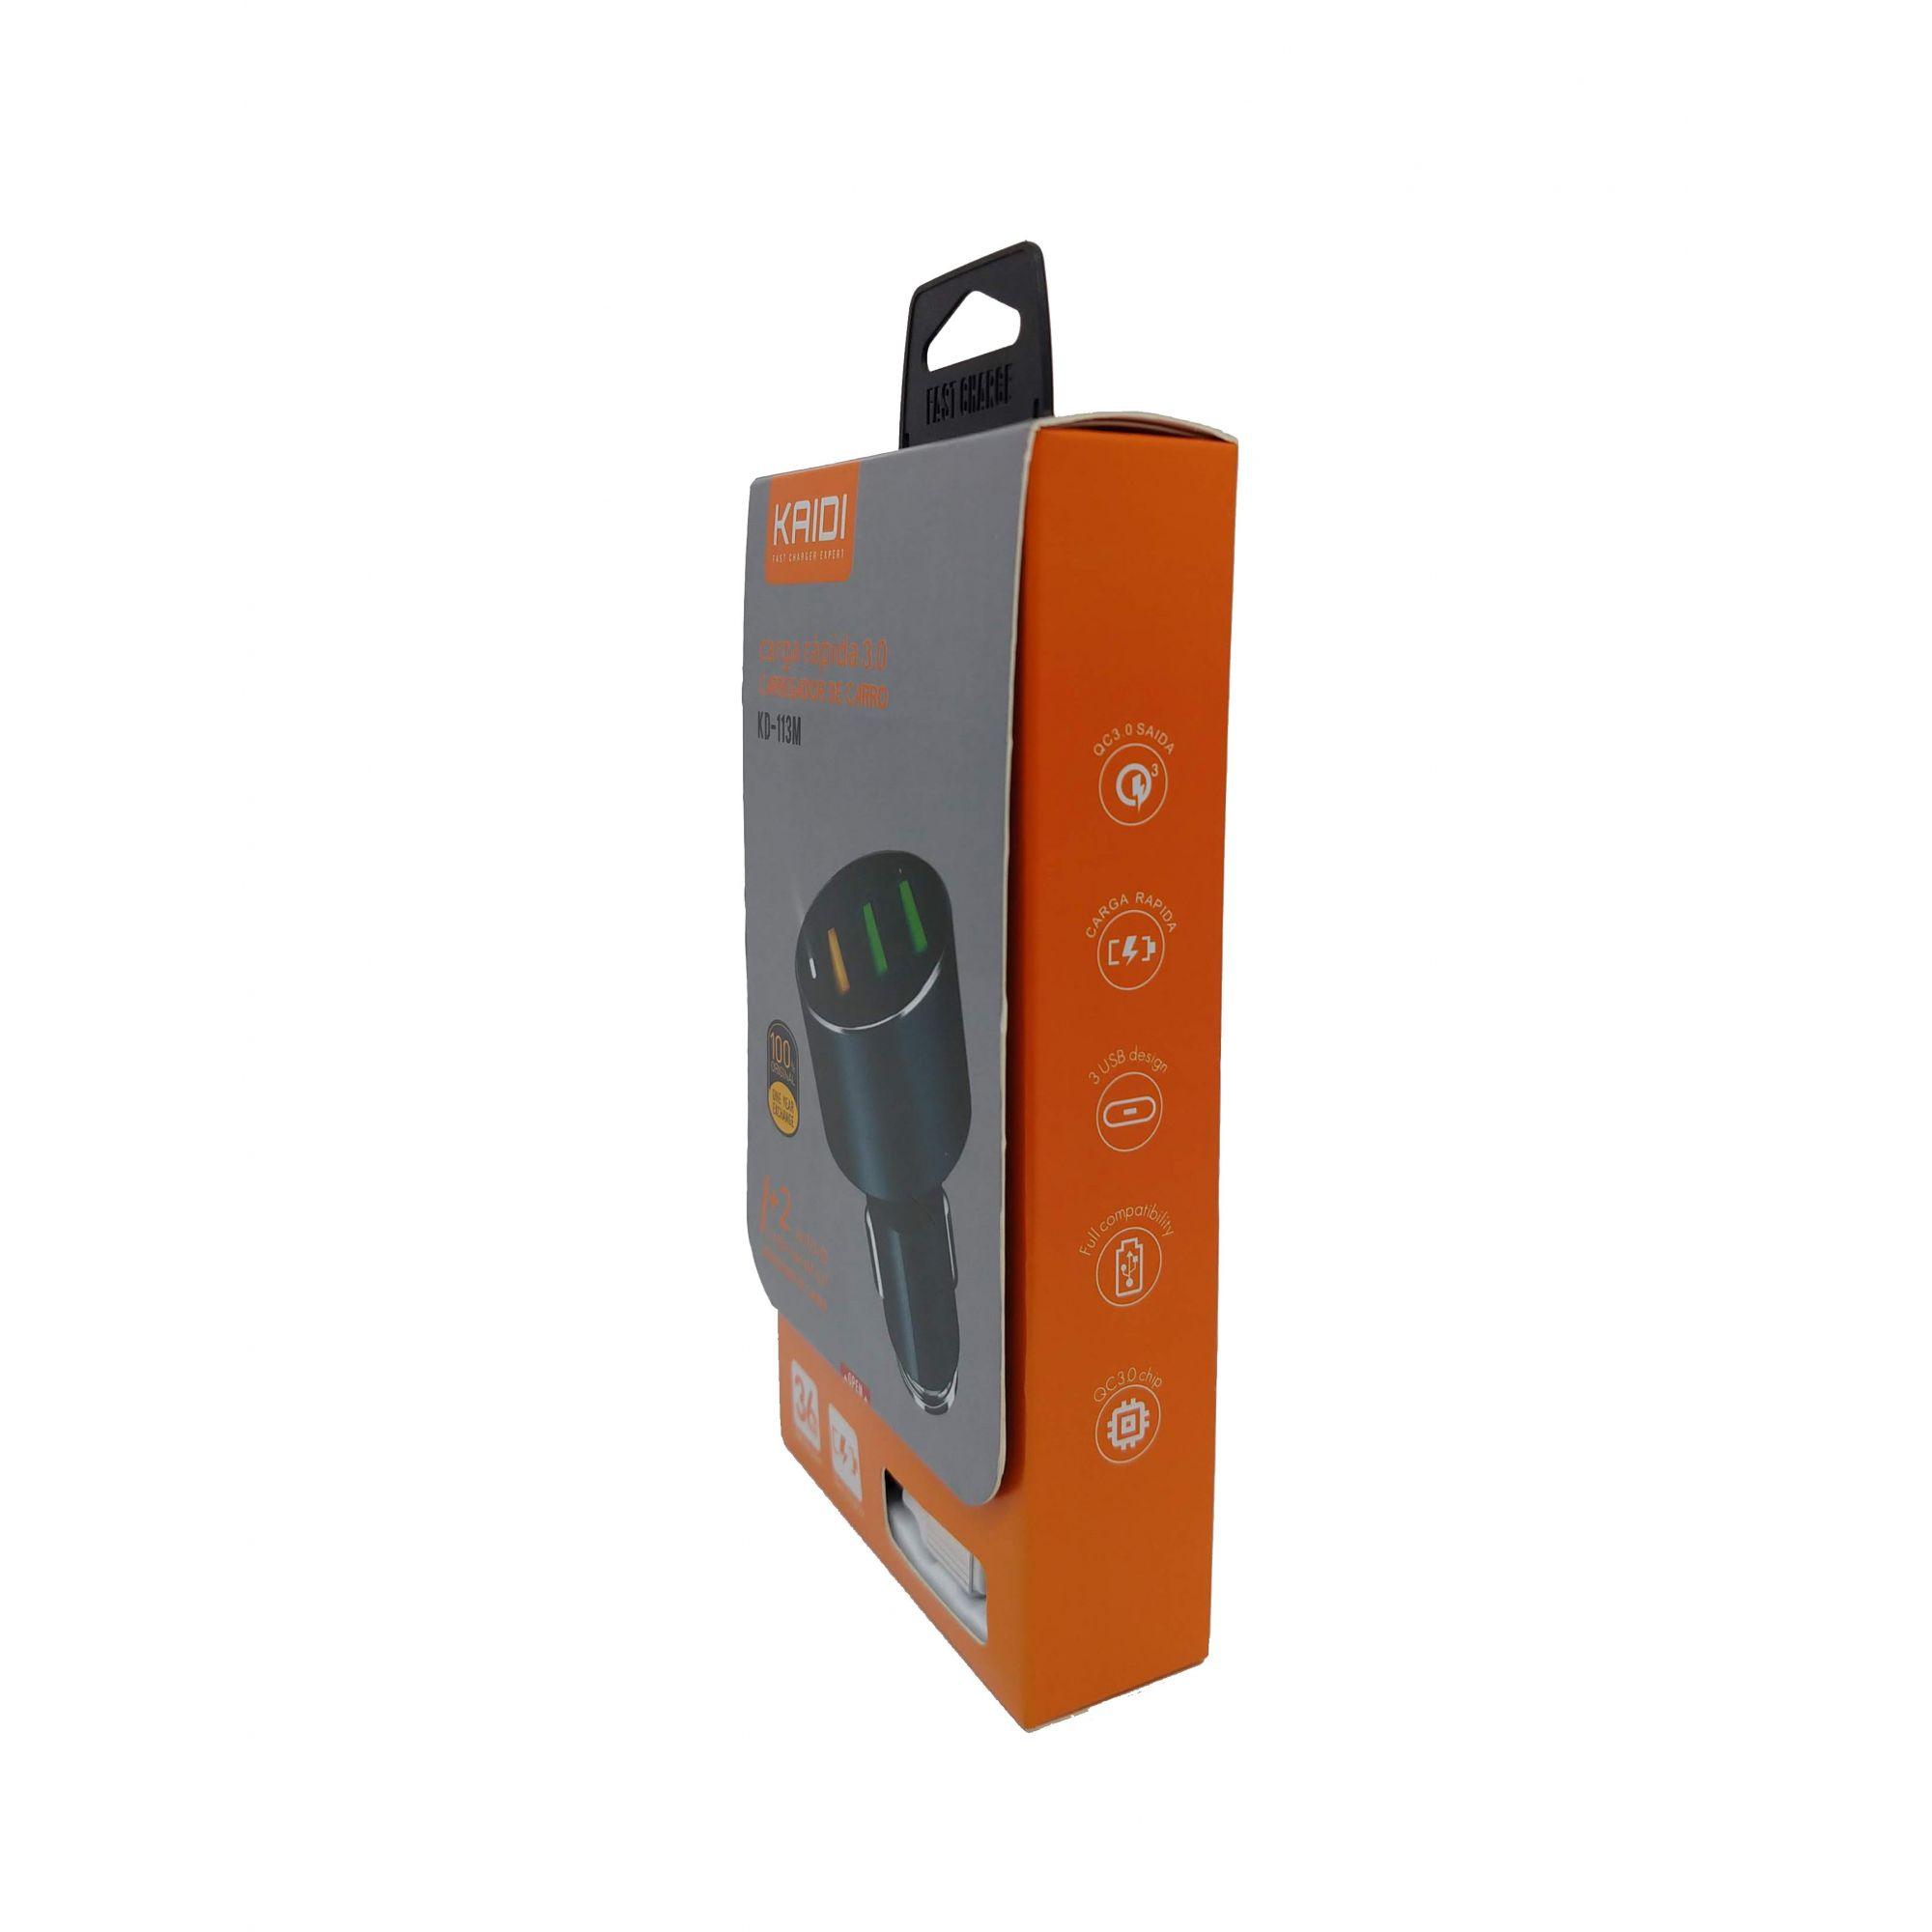 Carregador Veicular KAIDI USB 3.0a KD-113M